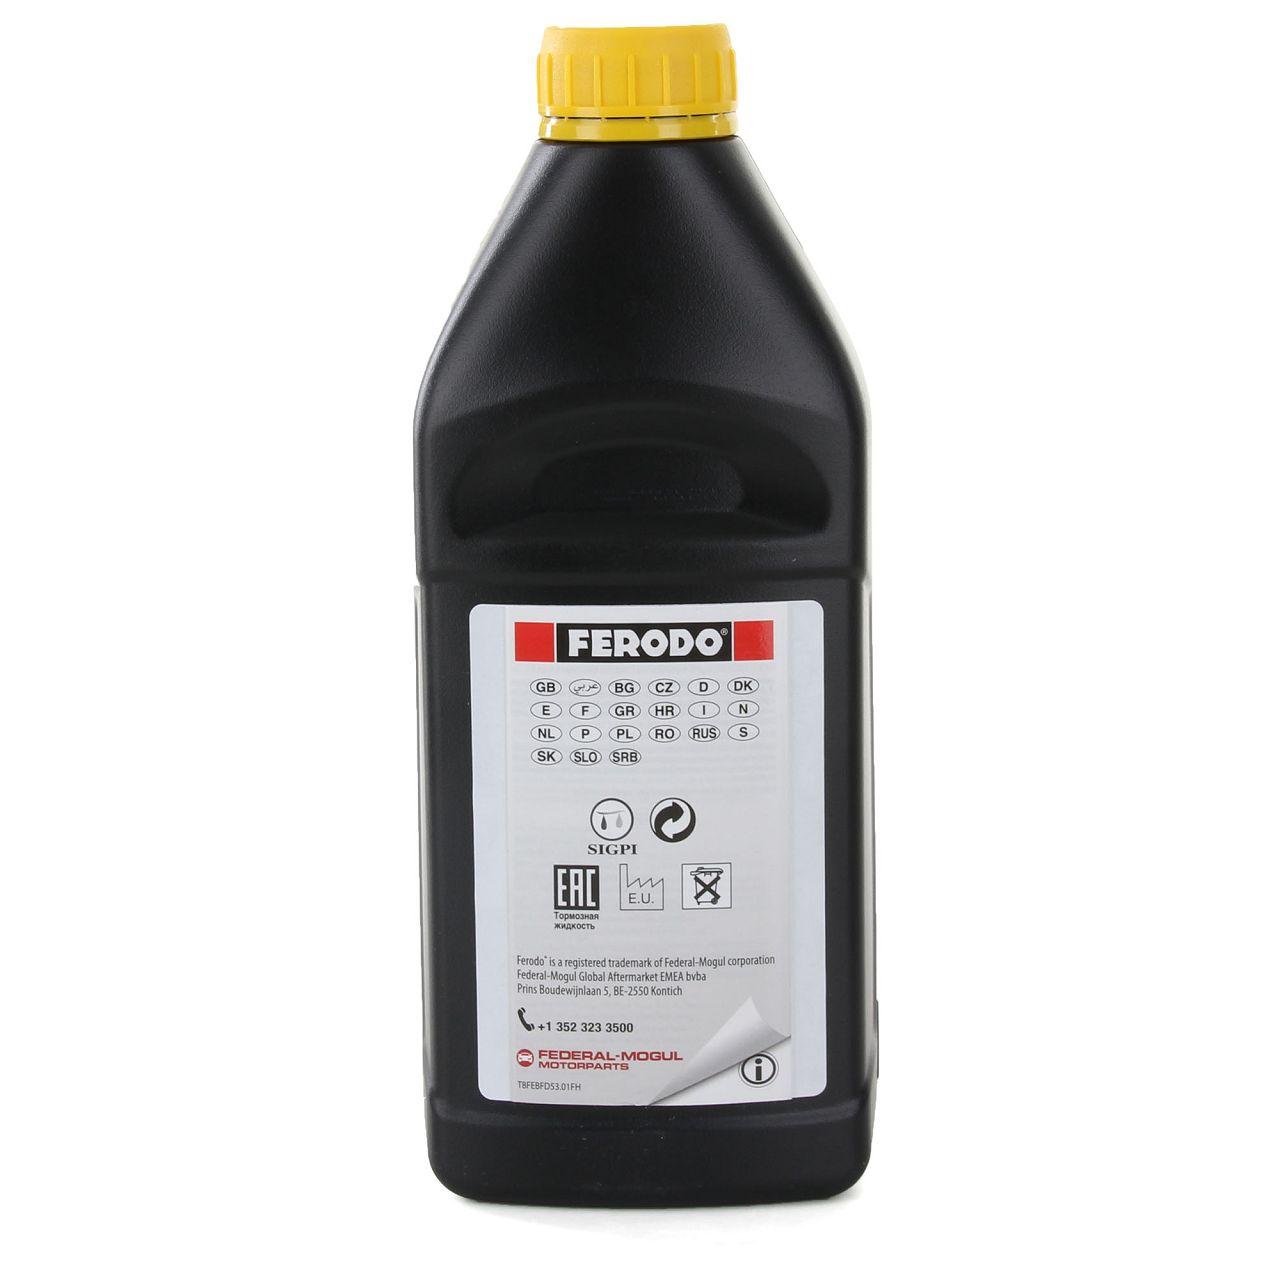 FERODO Bremsflüssigkeit für ESP Systeme DOT 4 FBL100 - 1L 1 Liter